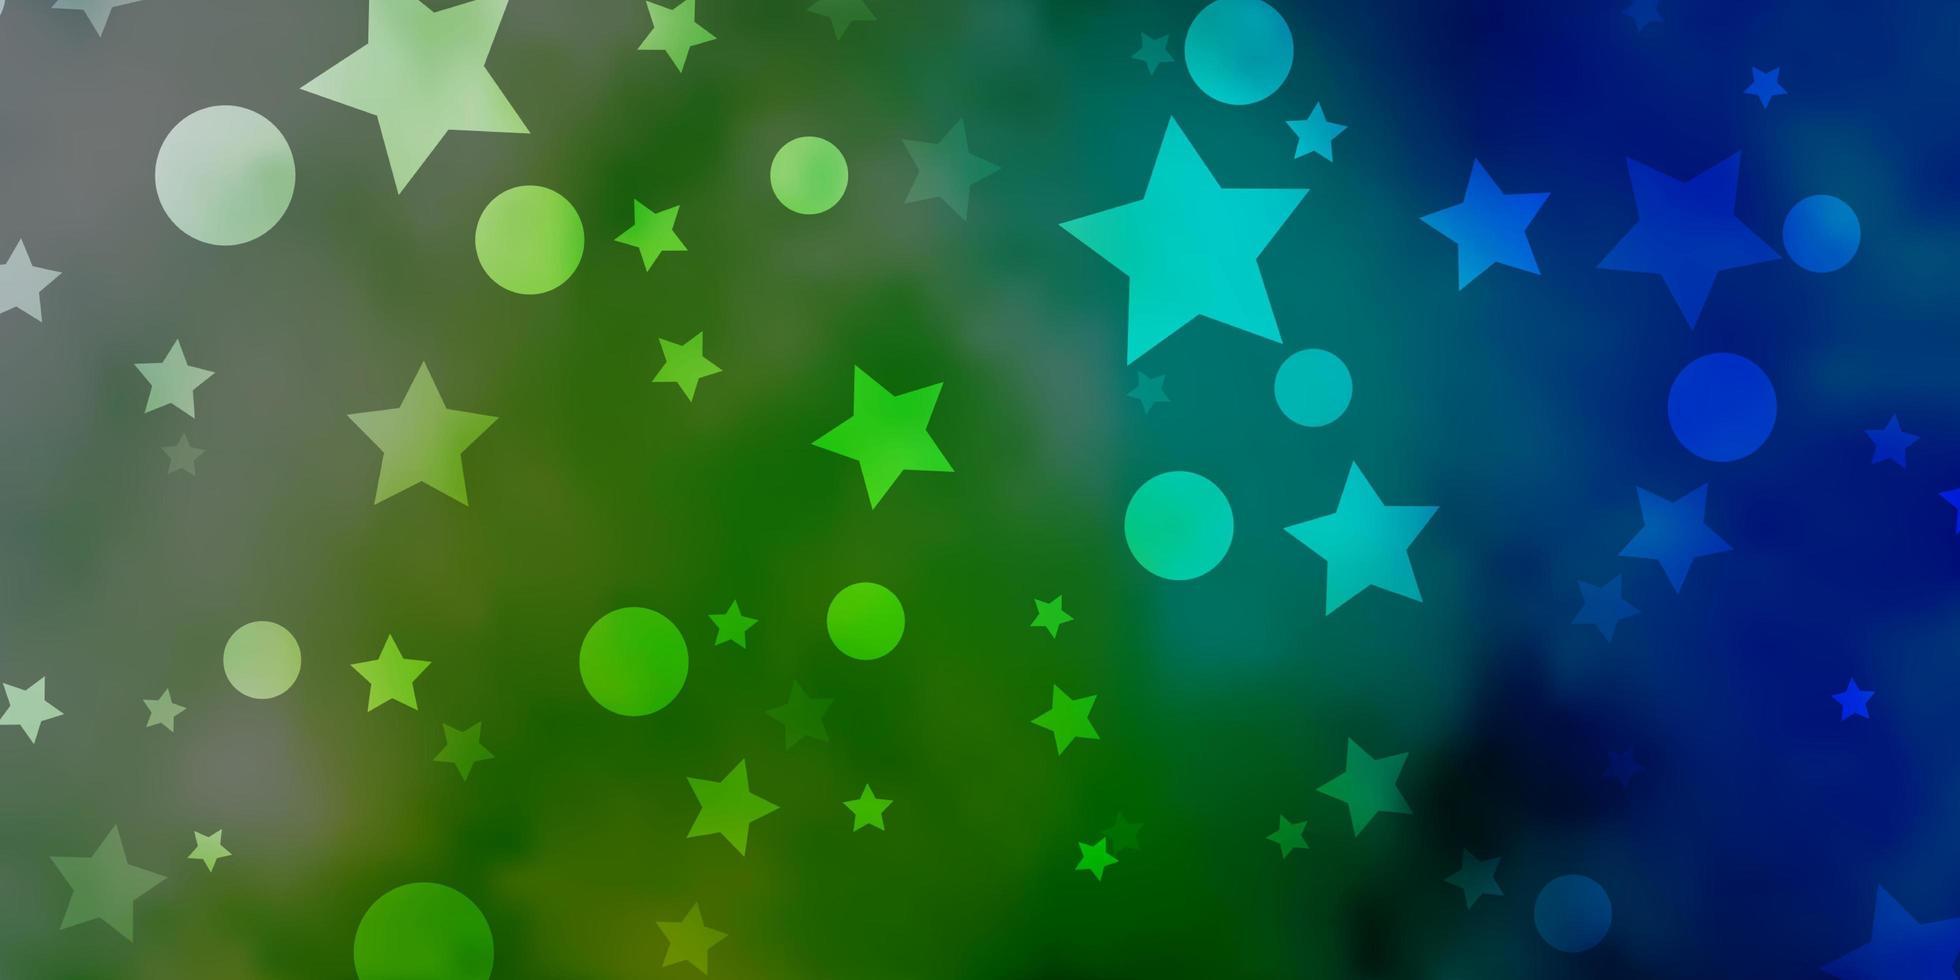 hellblauer, grüner Vektorhintergrund mit Kreisen, Sternen. vektor